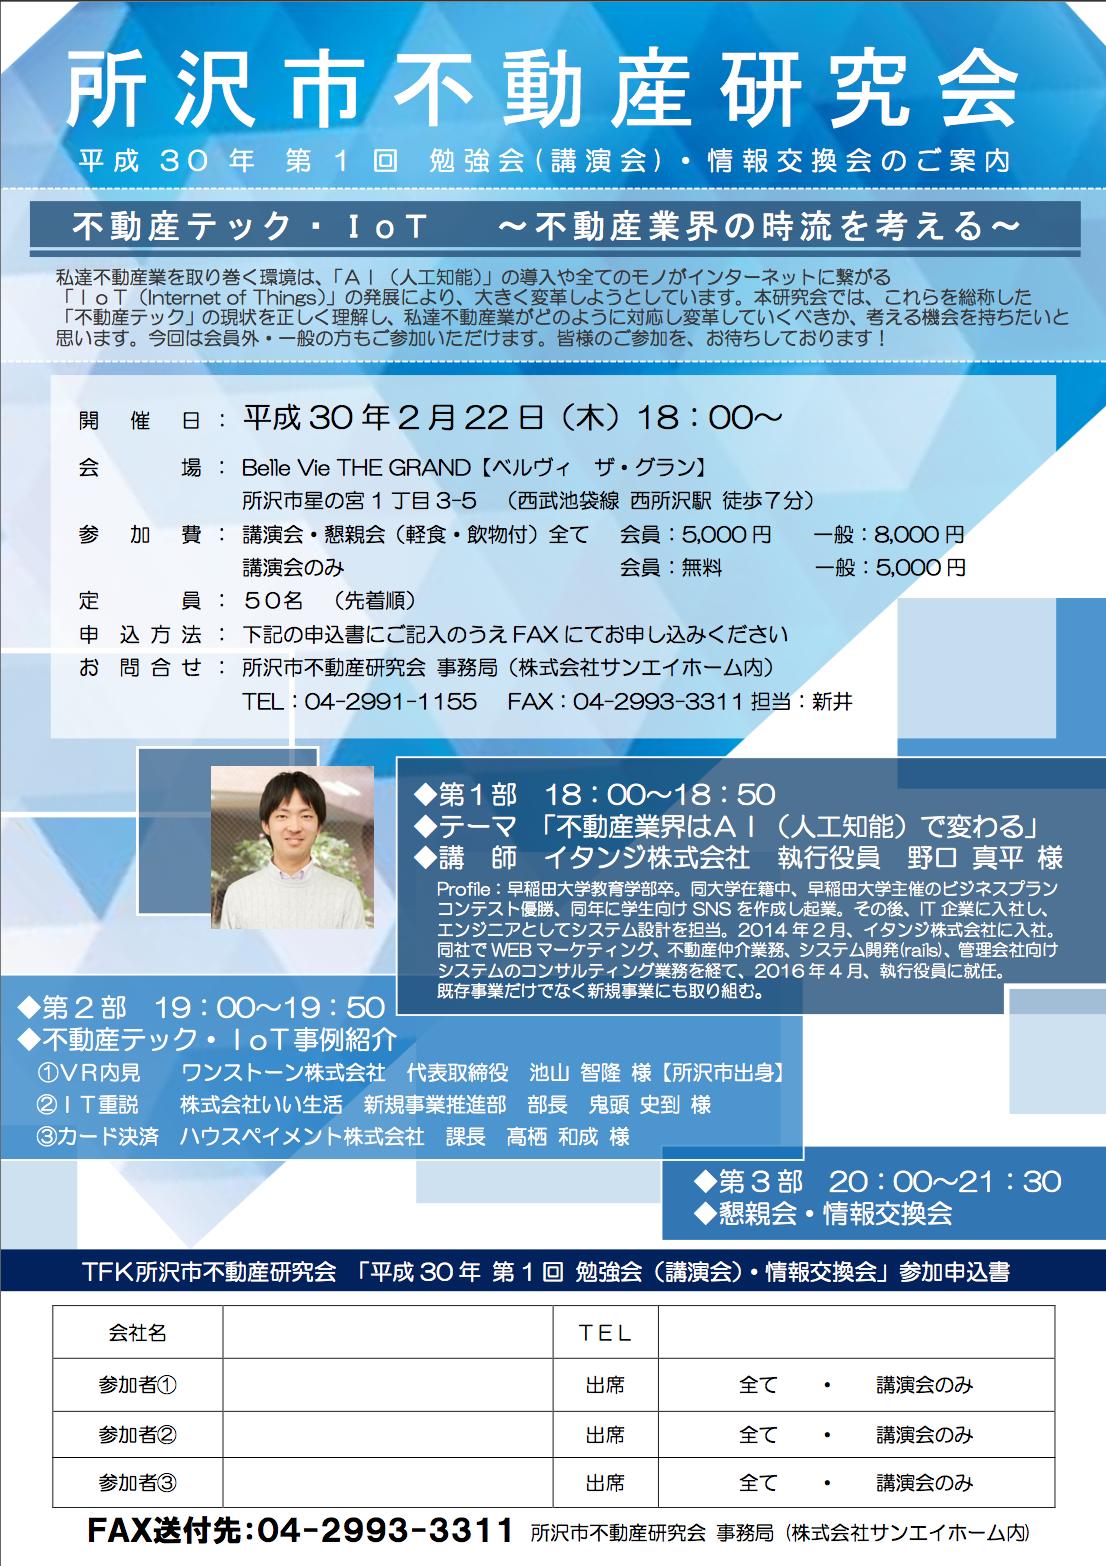 2月22日(木)に執行役員の野口が所沢市不動産研究会に登壇します